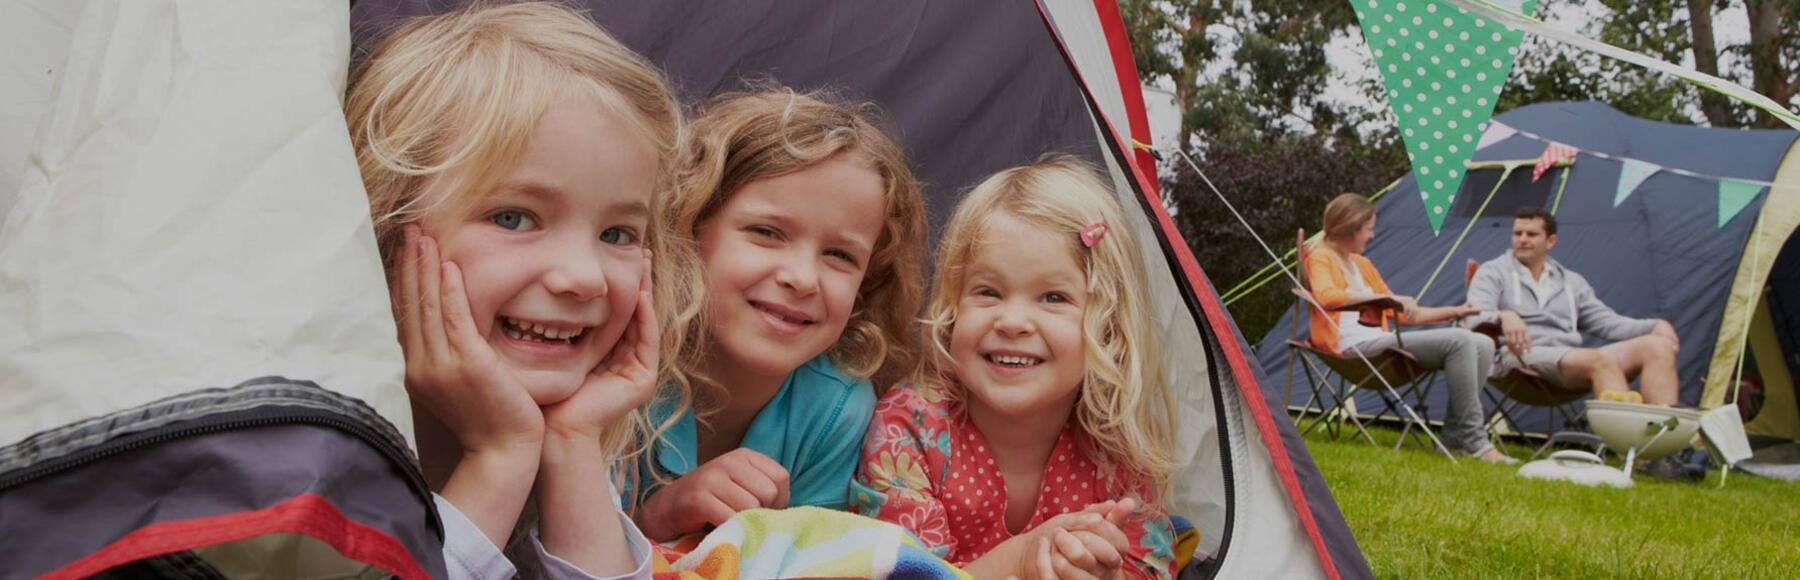 elbadoc-campingvillage de campingplatz 005